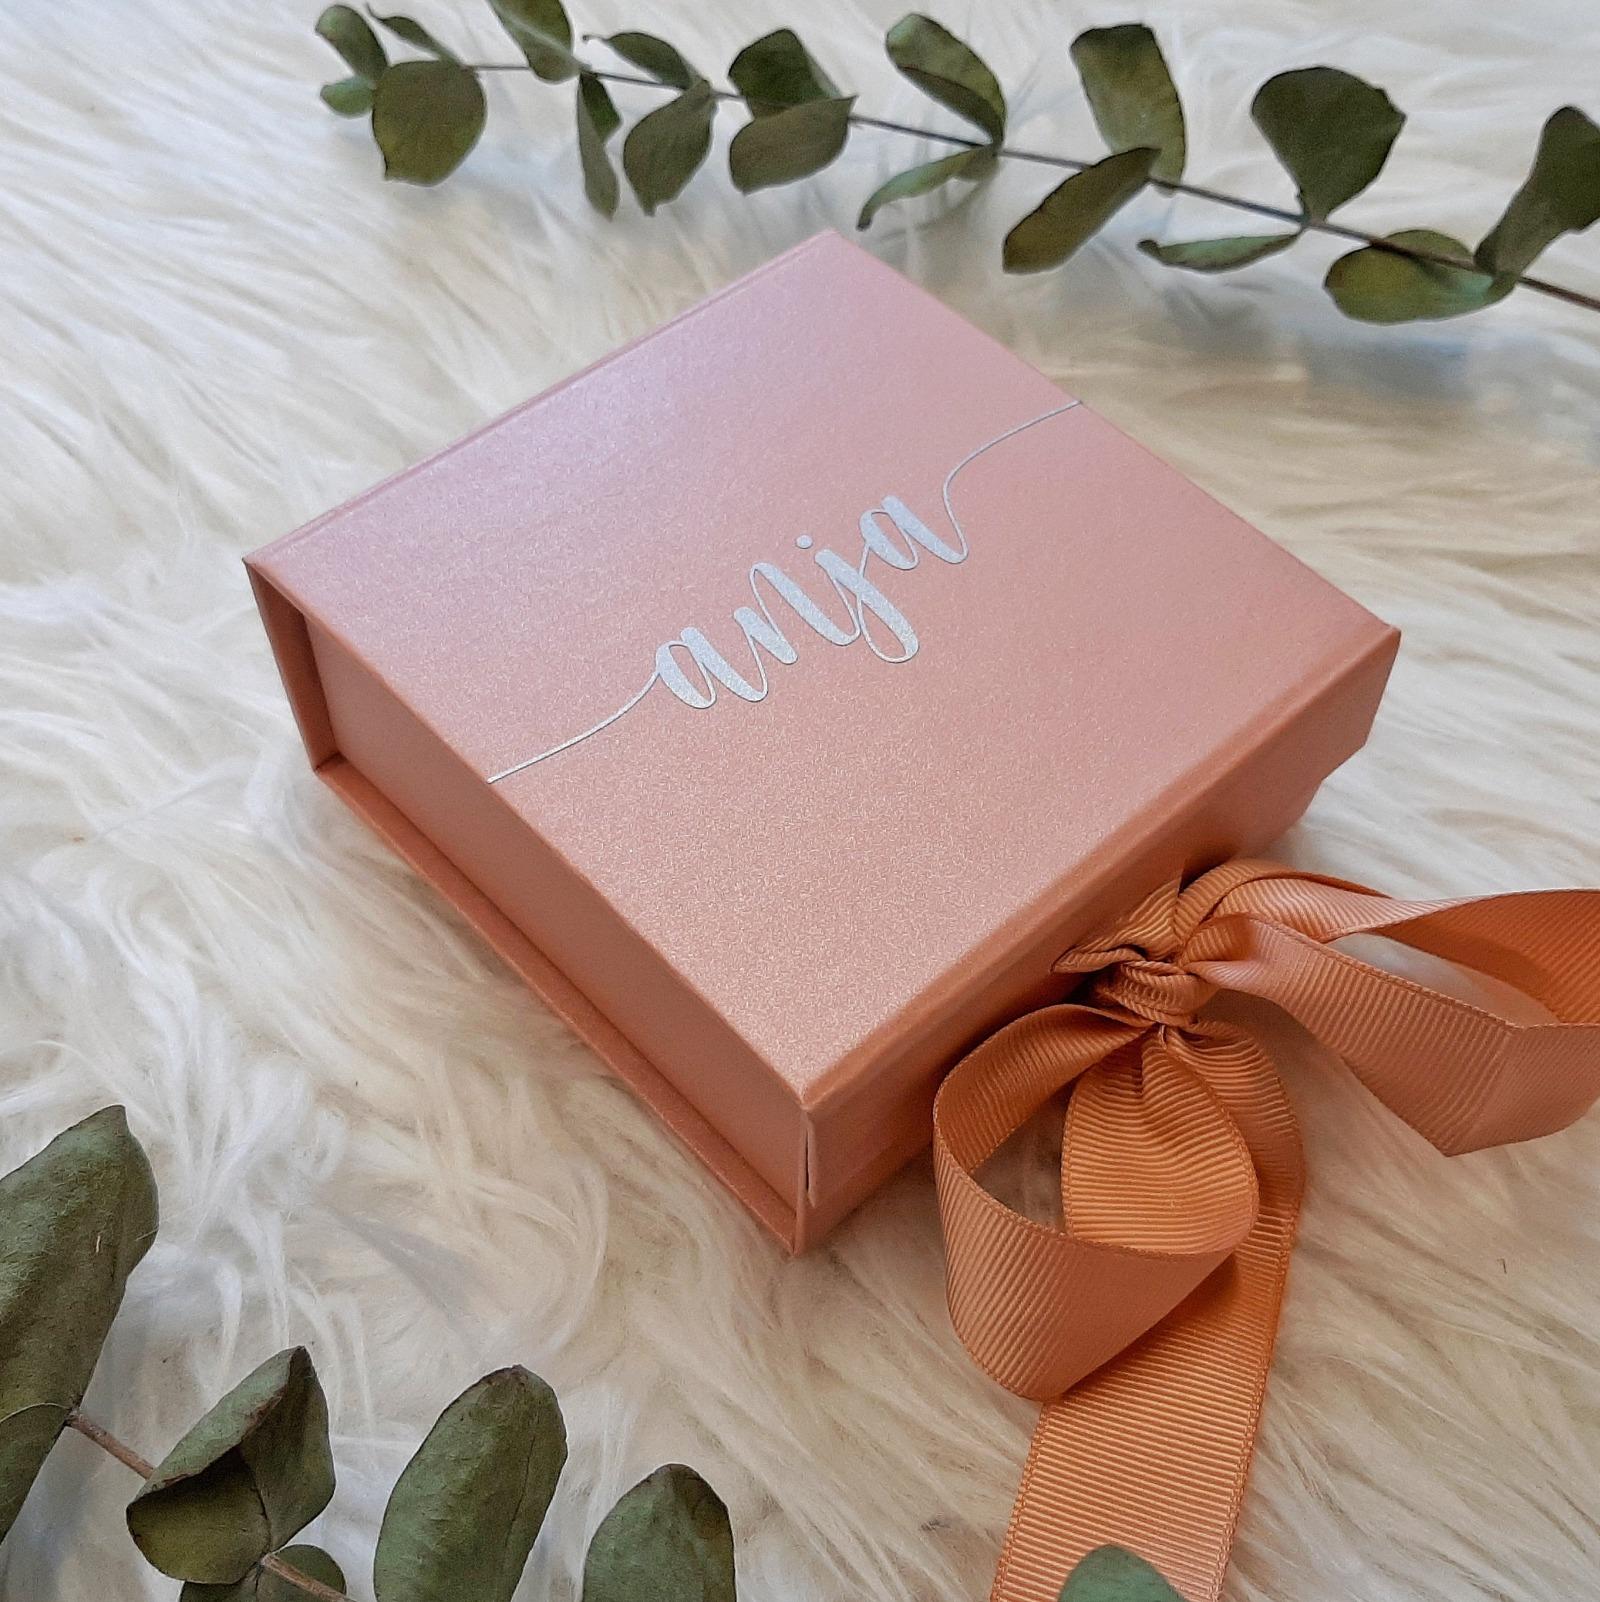 Eine Geschenkbox mit Name und Schleife